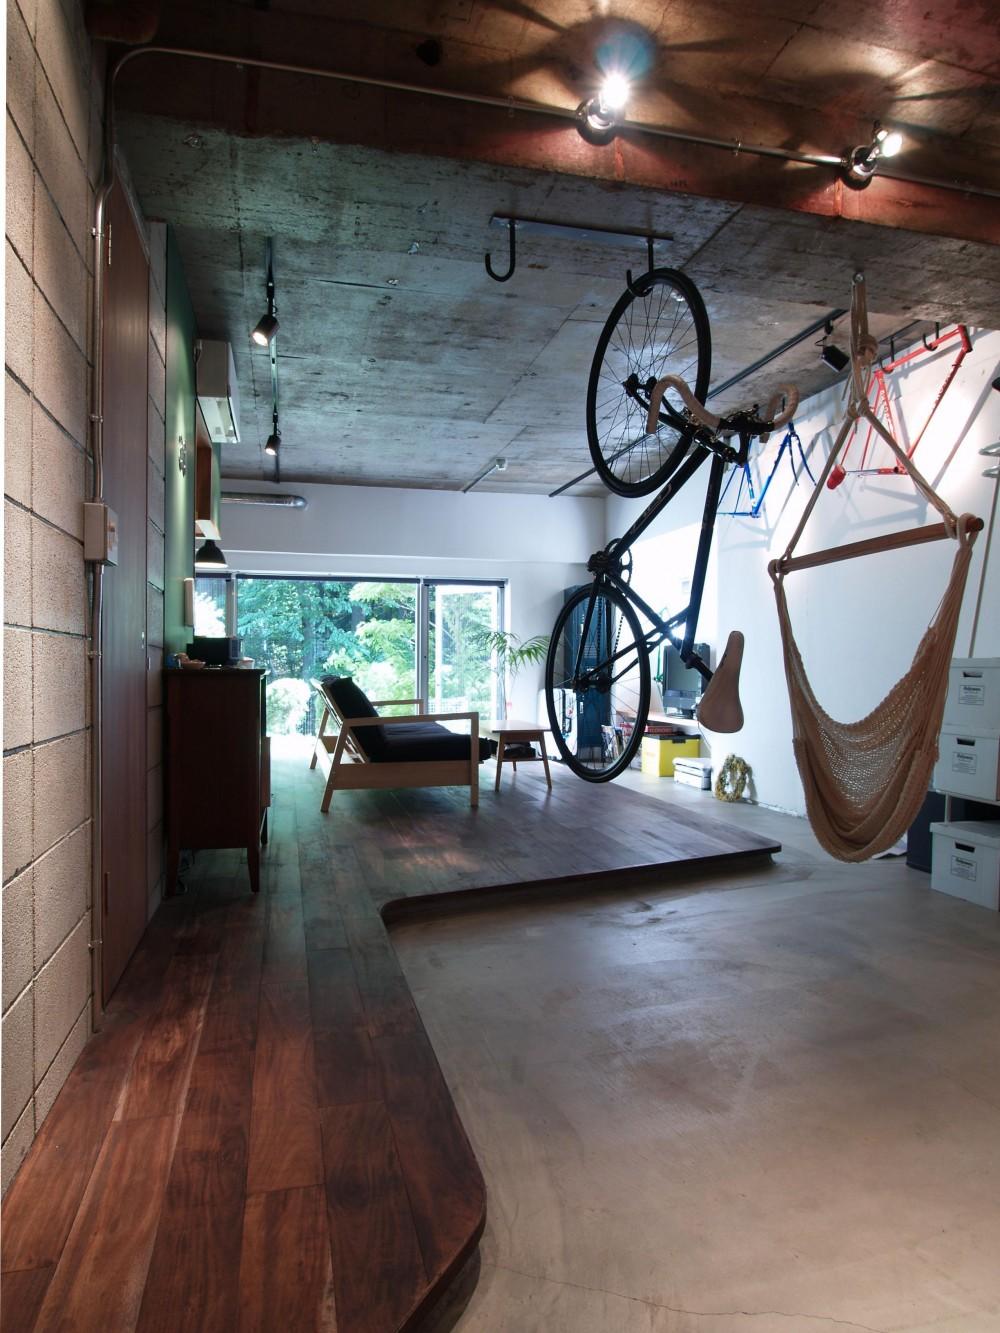 ブルースタジオ「COSTA—部屋の真ん中に自転車を吊るして」